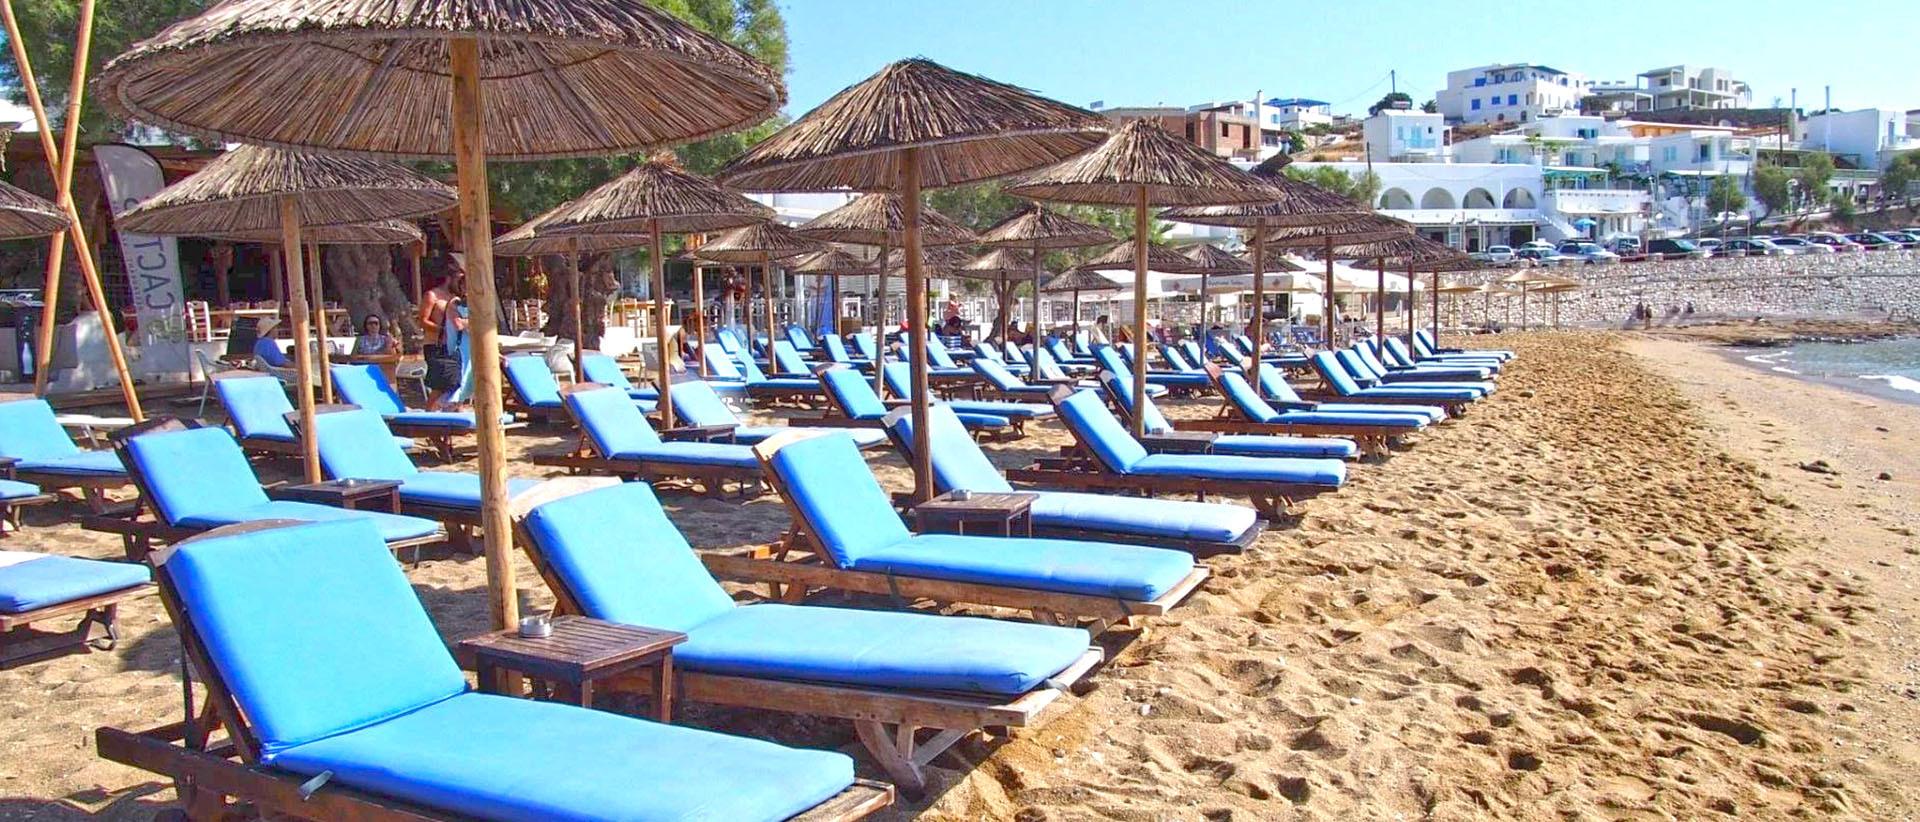 A well organized beach, awarded with a blue flag.